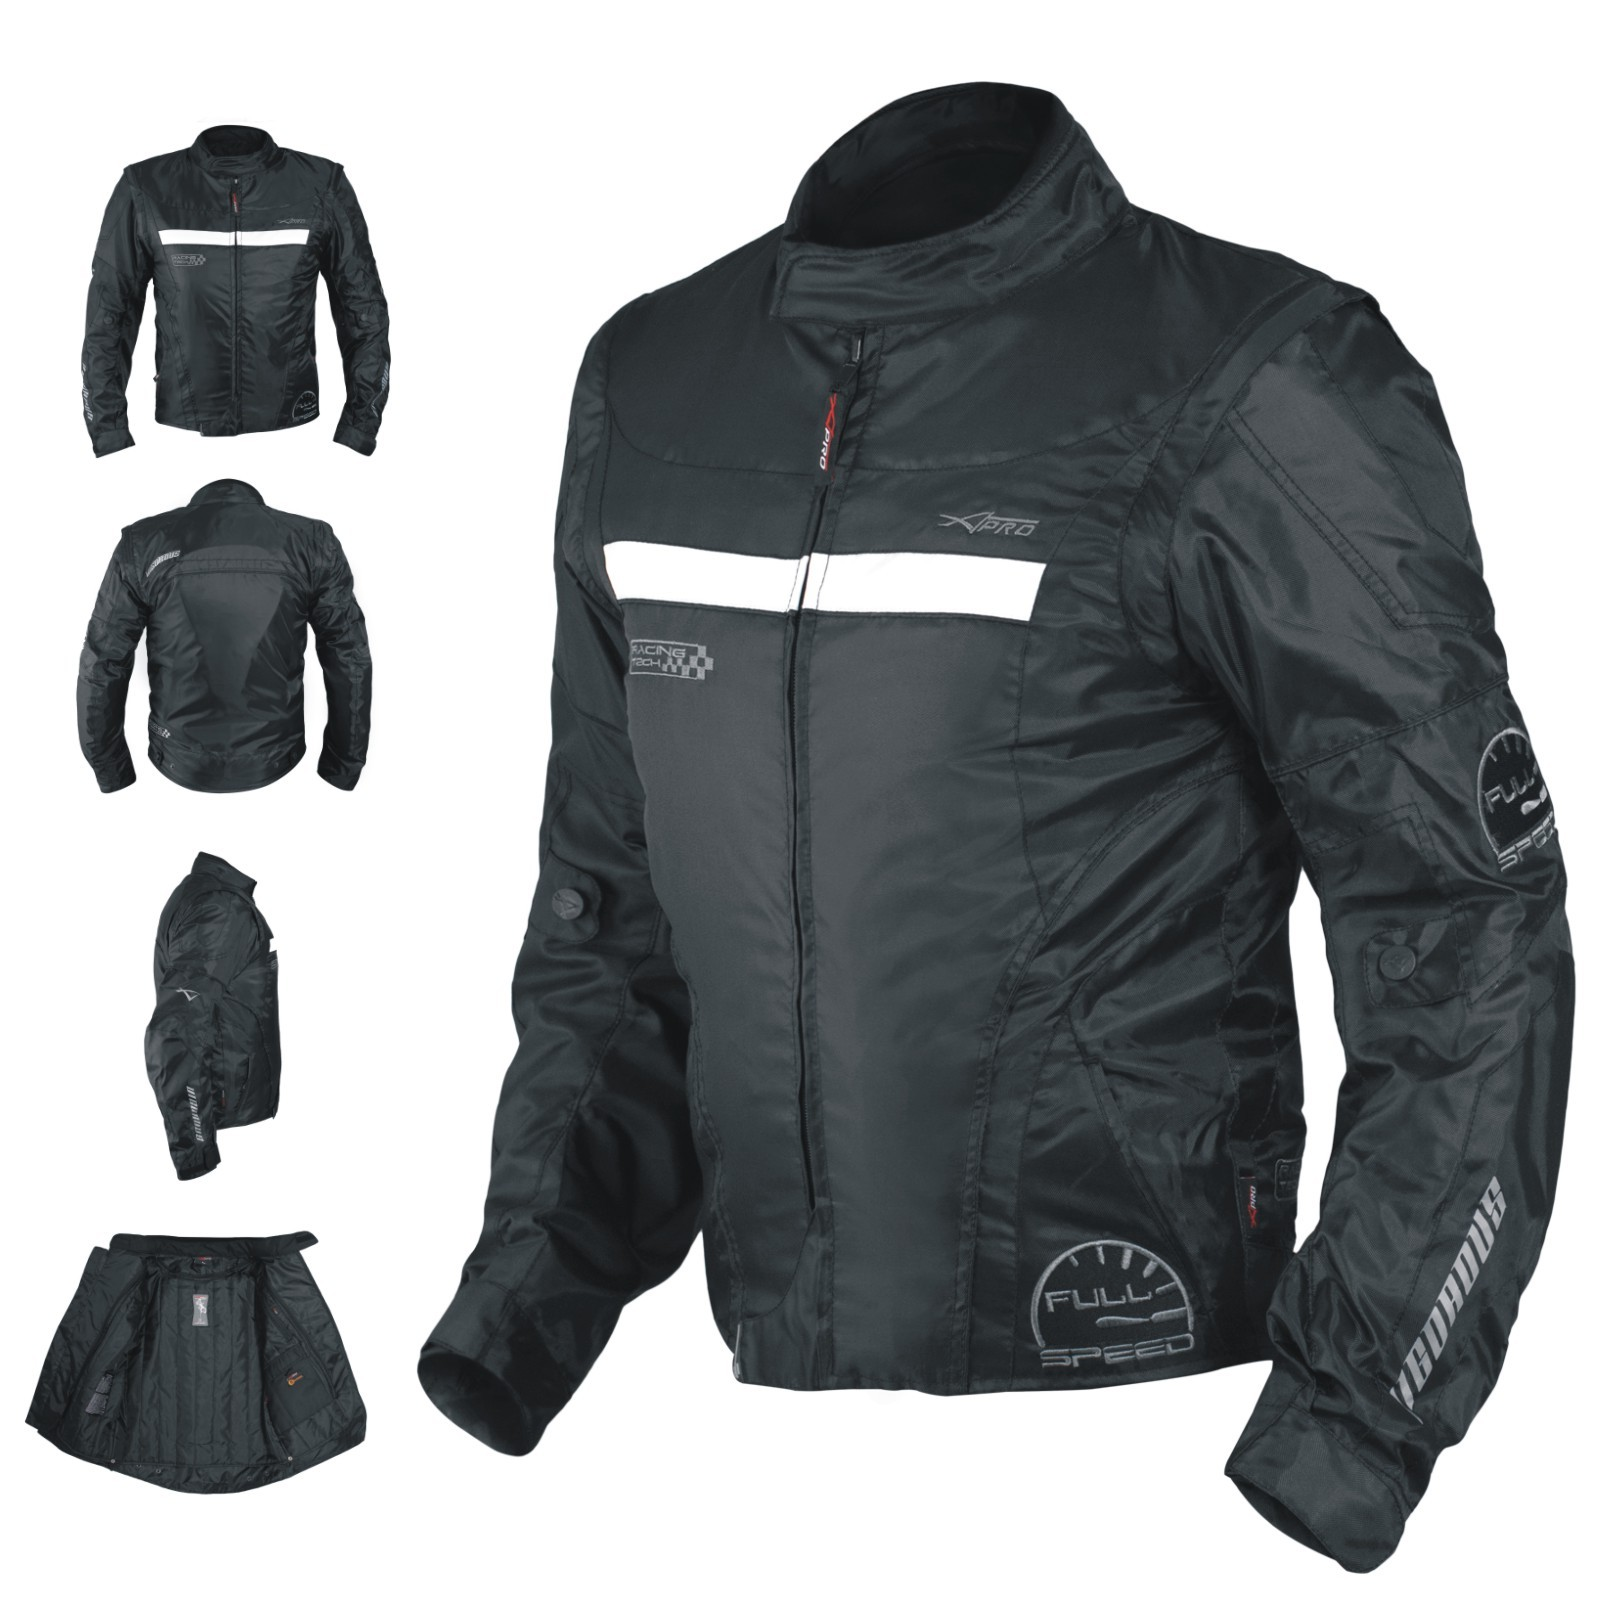 Vigorous A-Pro Giacca Jacket Nero Black Tessuto Textile Sonic Moto